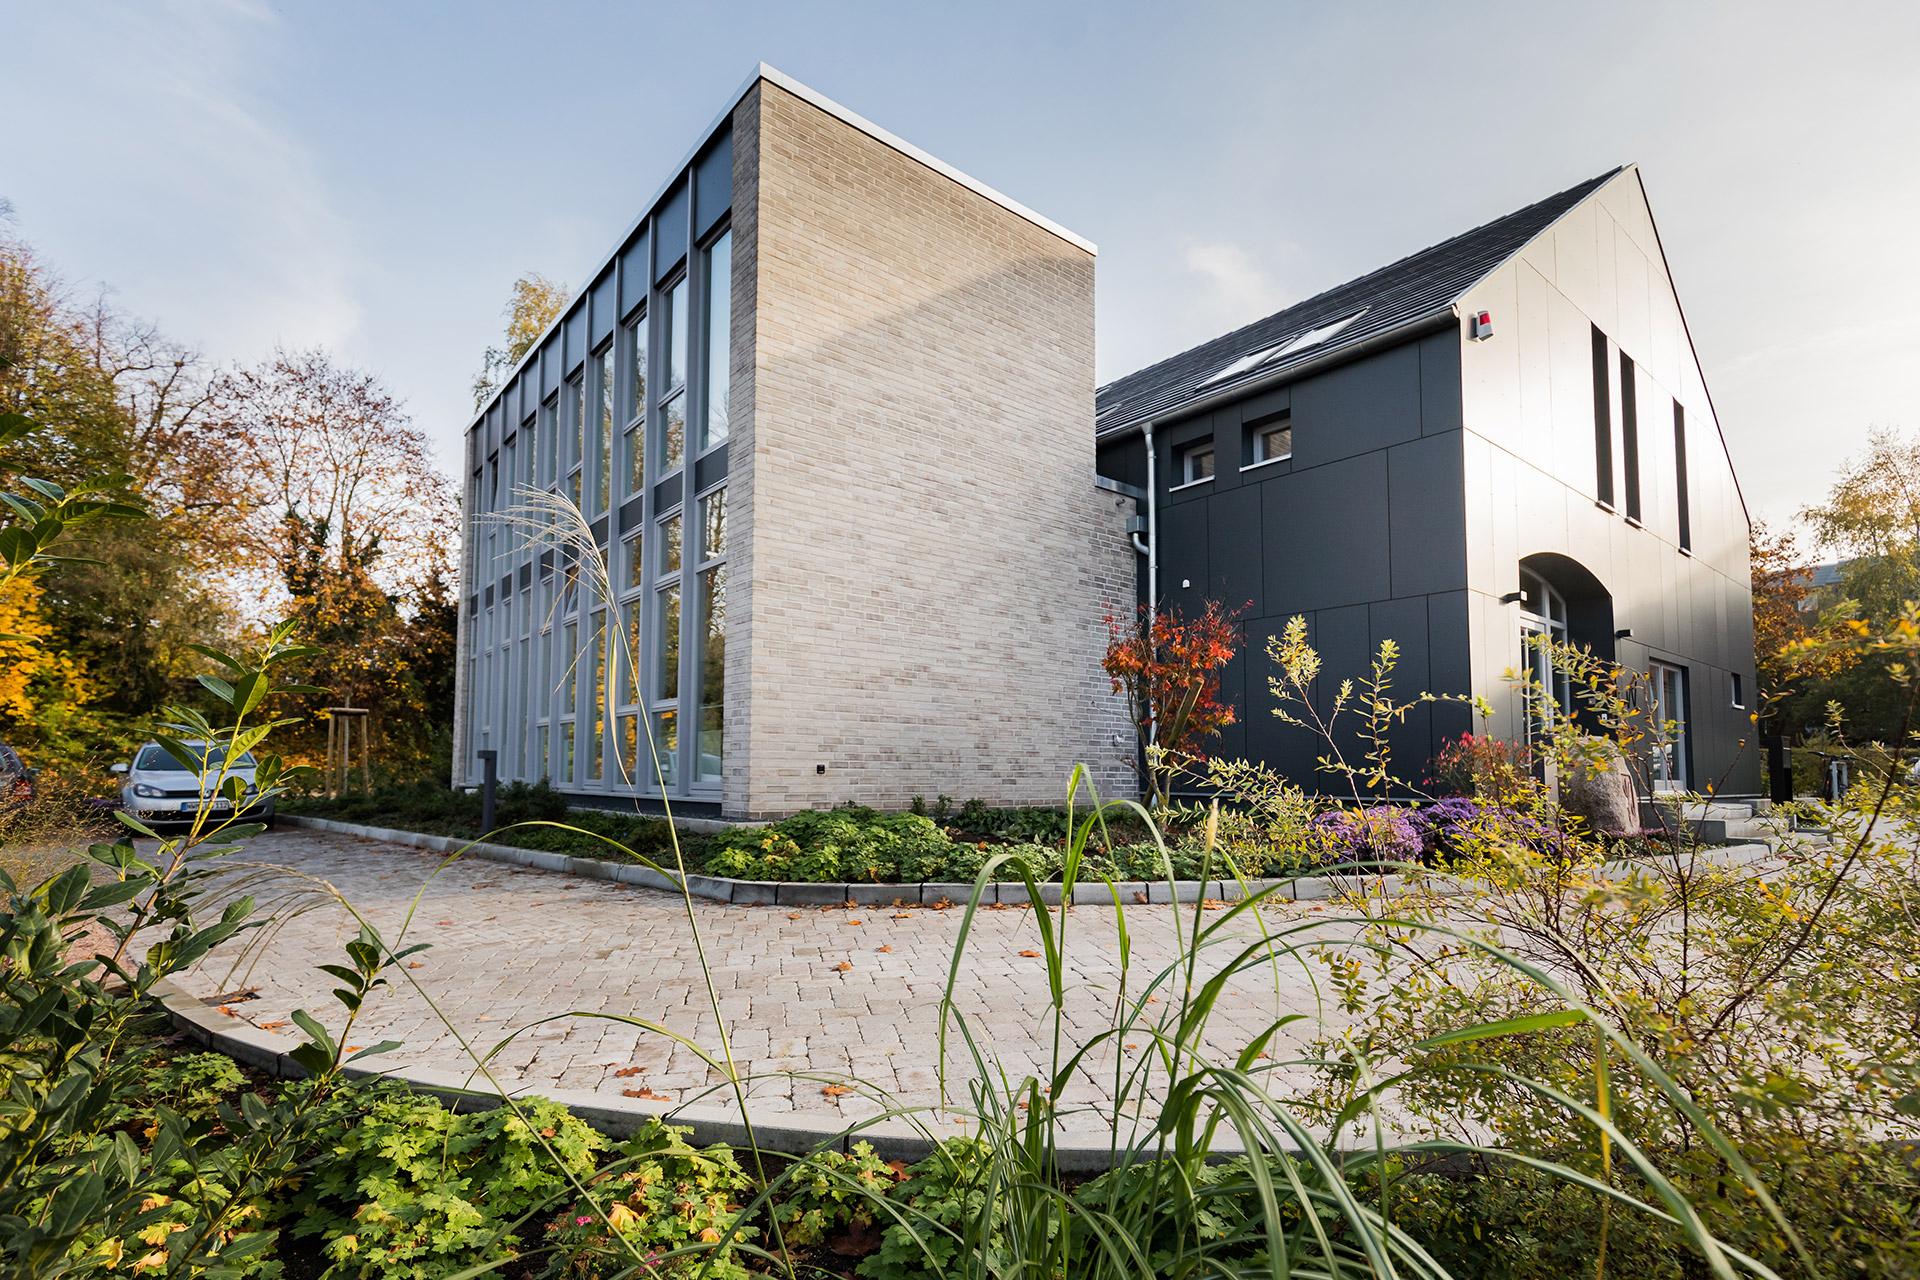 20191024_Park48_Architekten_Wulff-Thaysen_Ratzeburg_00000000122